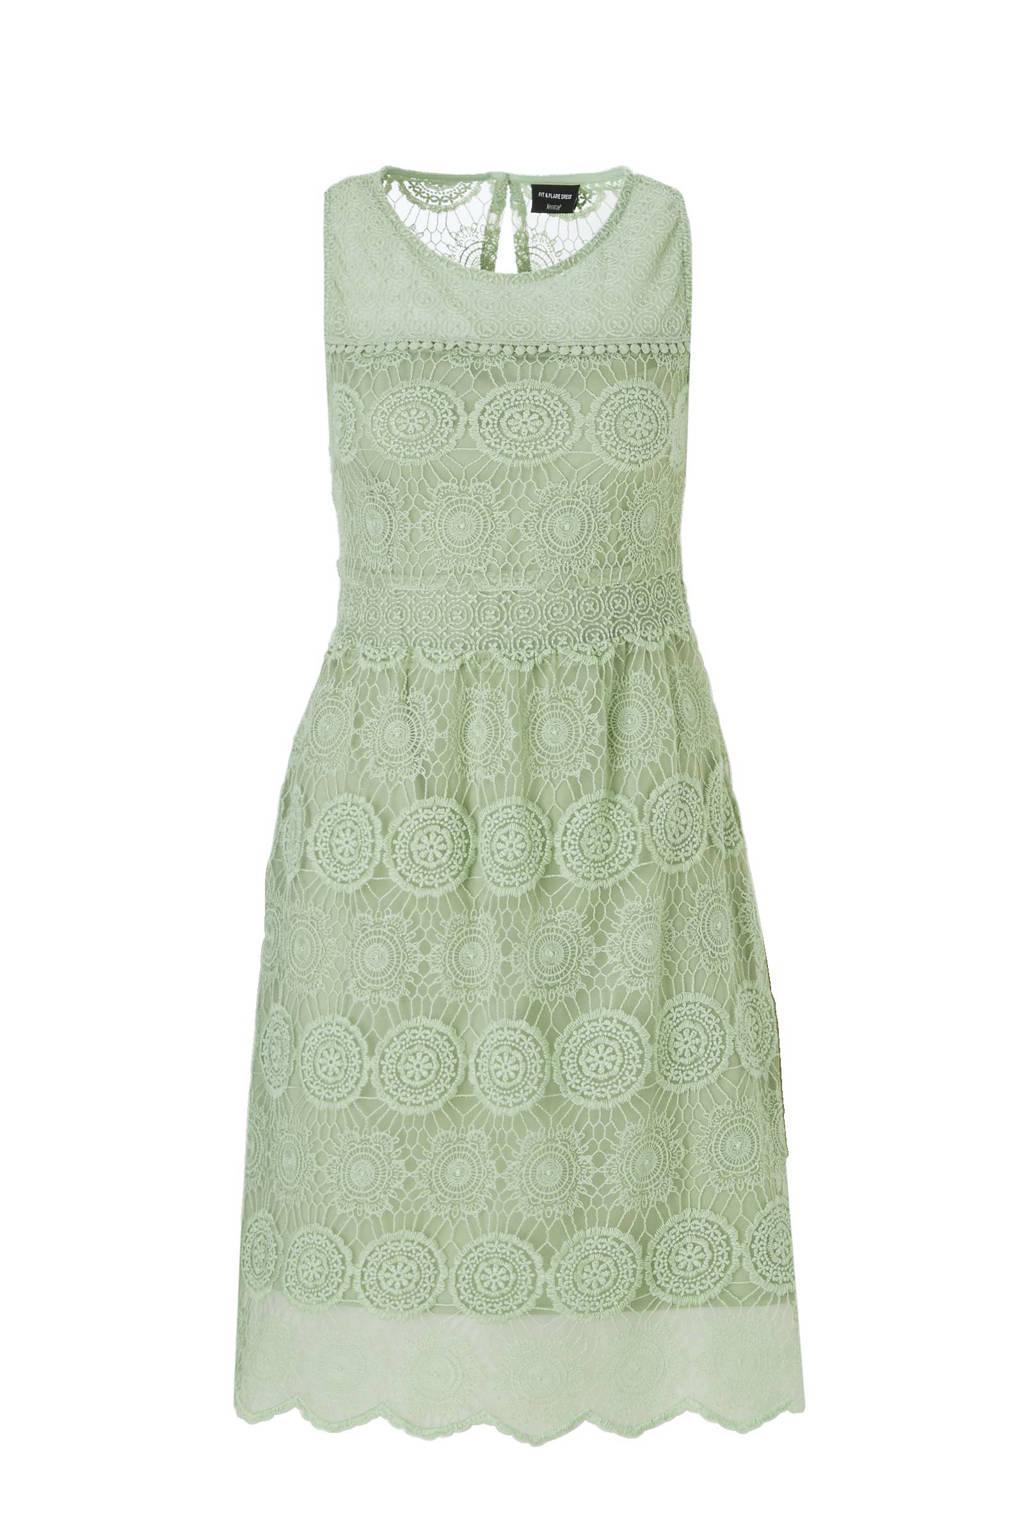 C&A Yessica kanten jurk groen, Groen